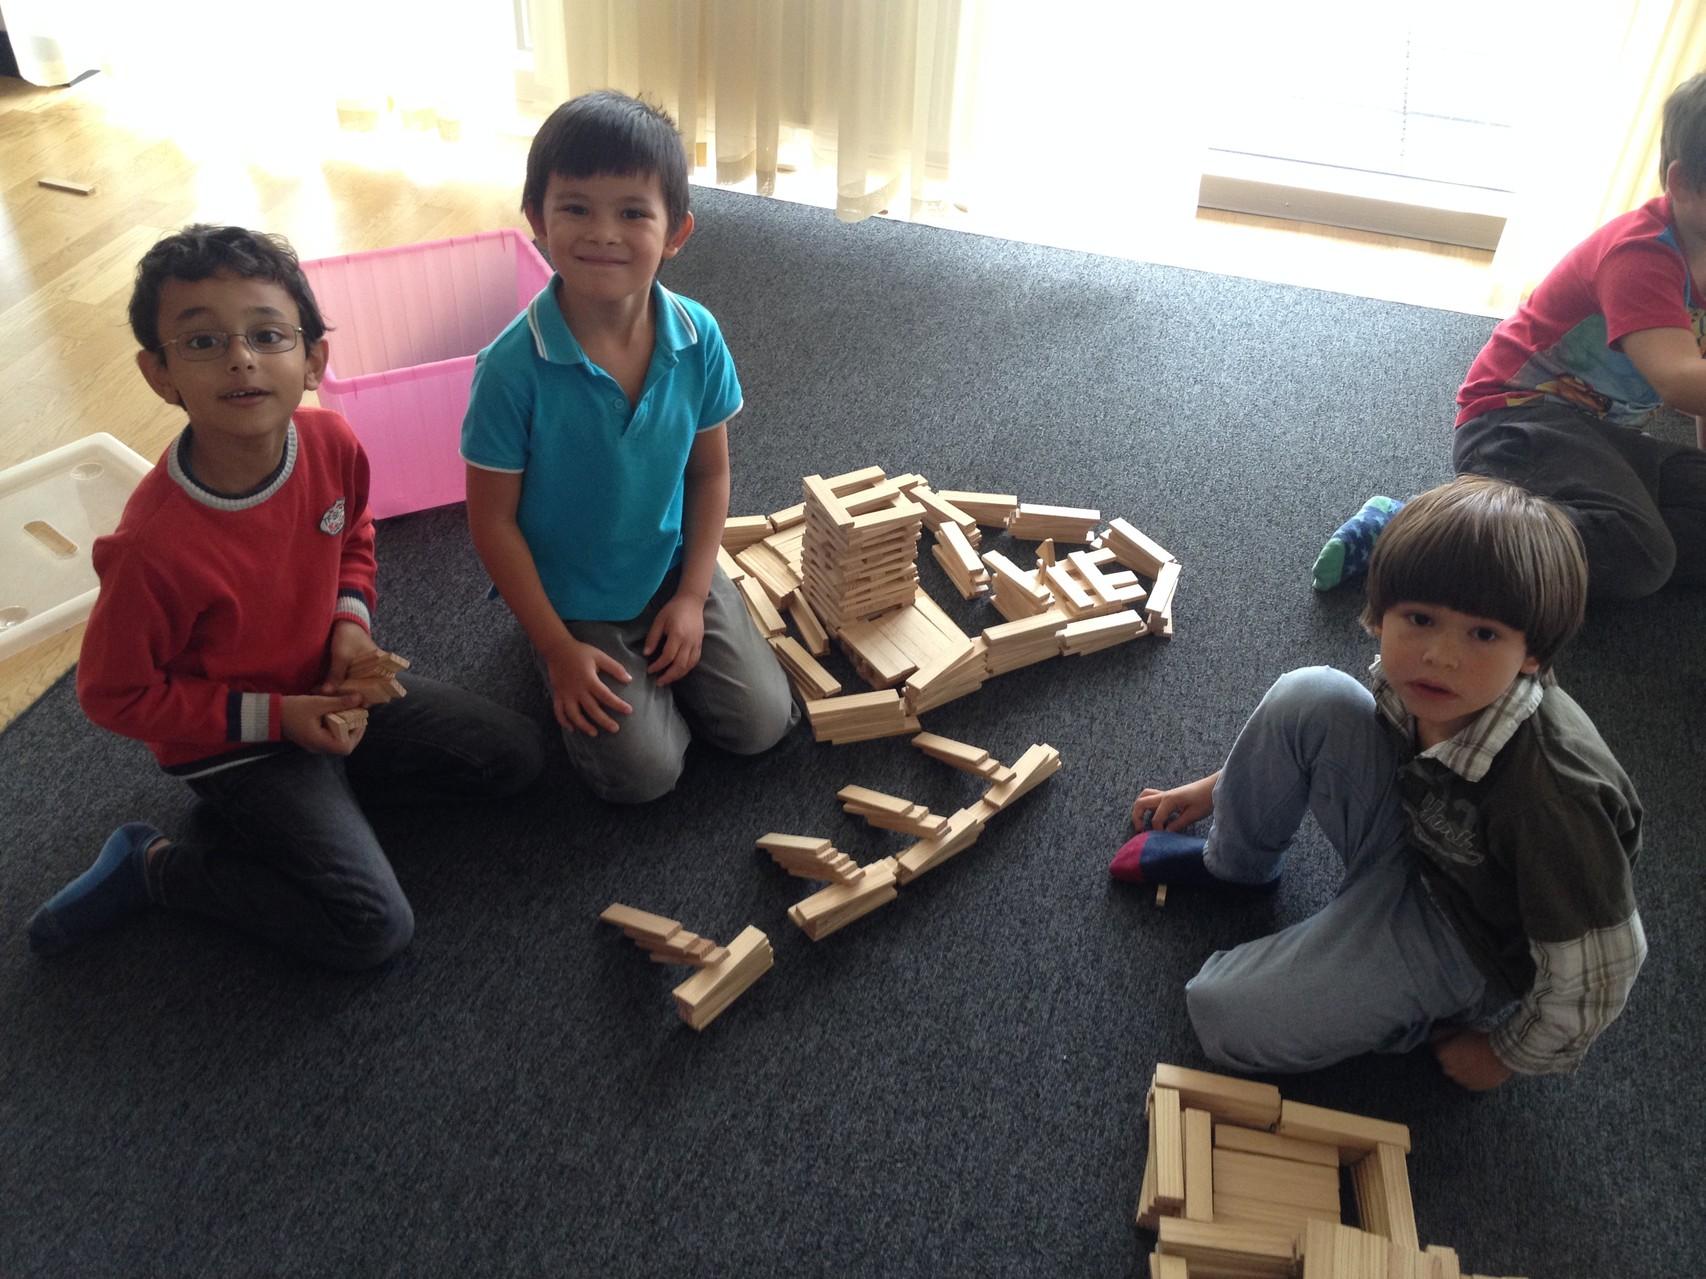 Bauen und Konstruieren